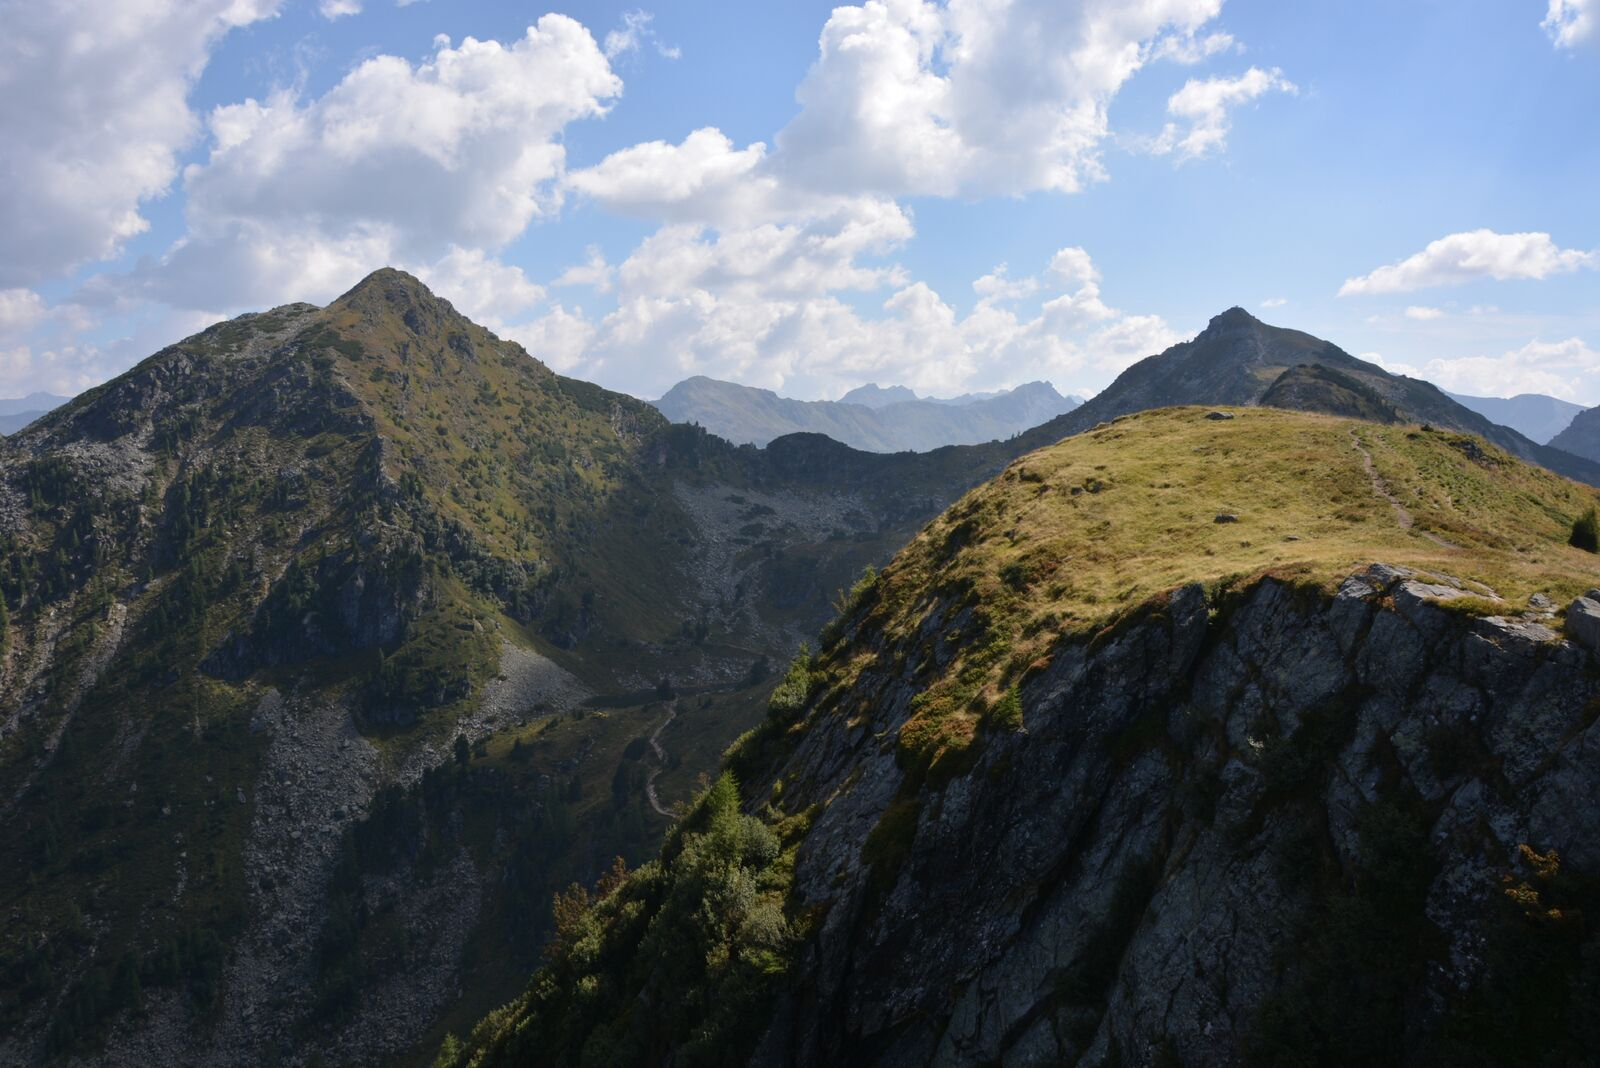 dachstein-spiegelsee-austria-hiking-wanderlust3